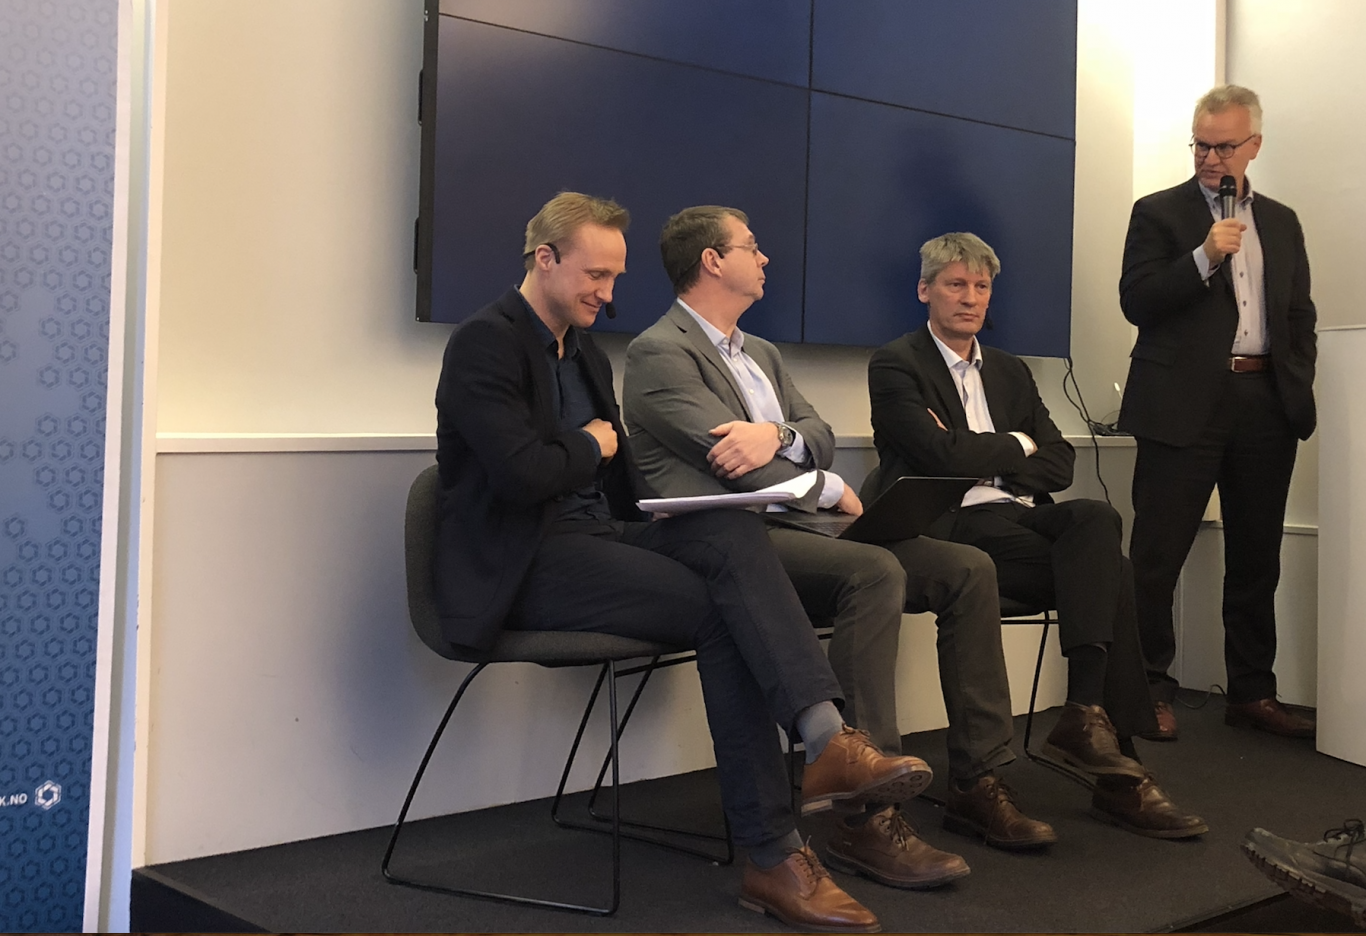 Panelsamtale om ny LTP. Fra venstre: Tormod Heier, Knut Støvne, Sigurd Glærum og Kristian Berg Harpviken. Foto: UTSYN